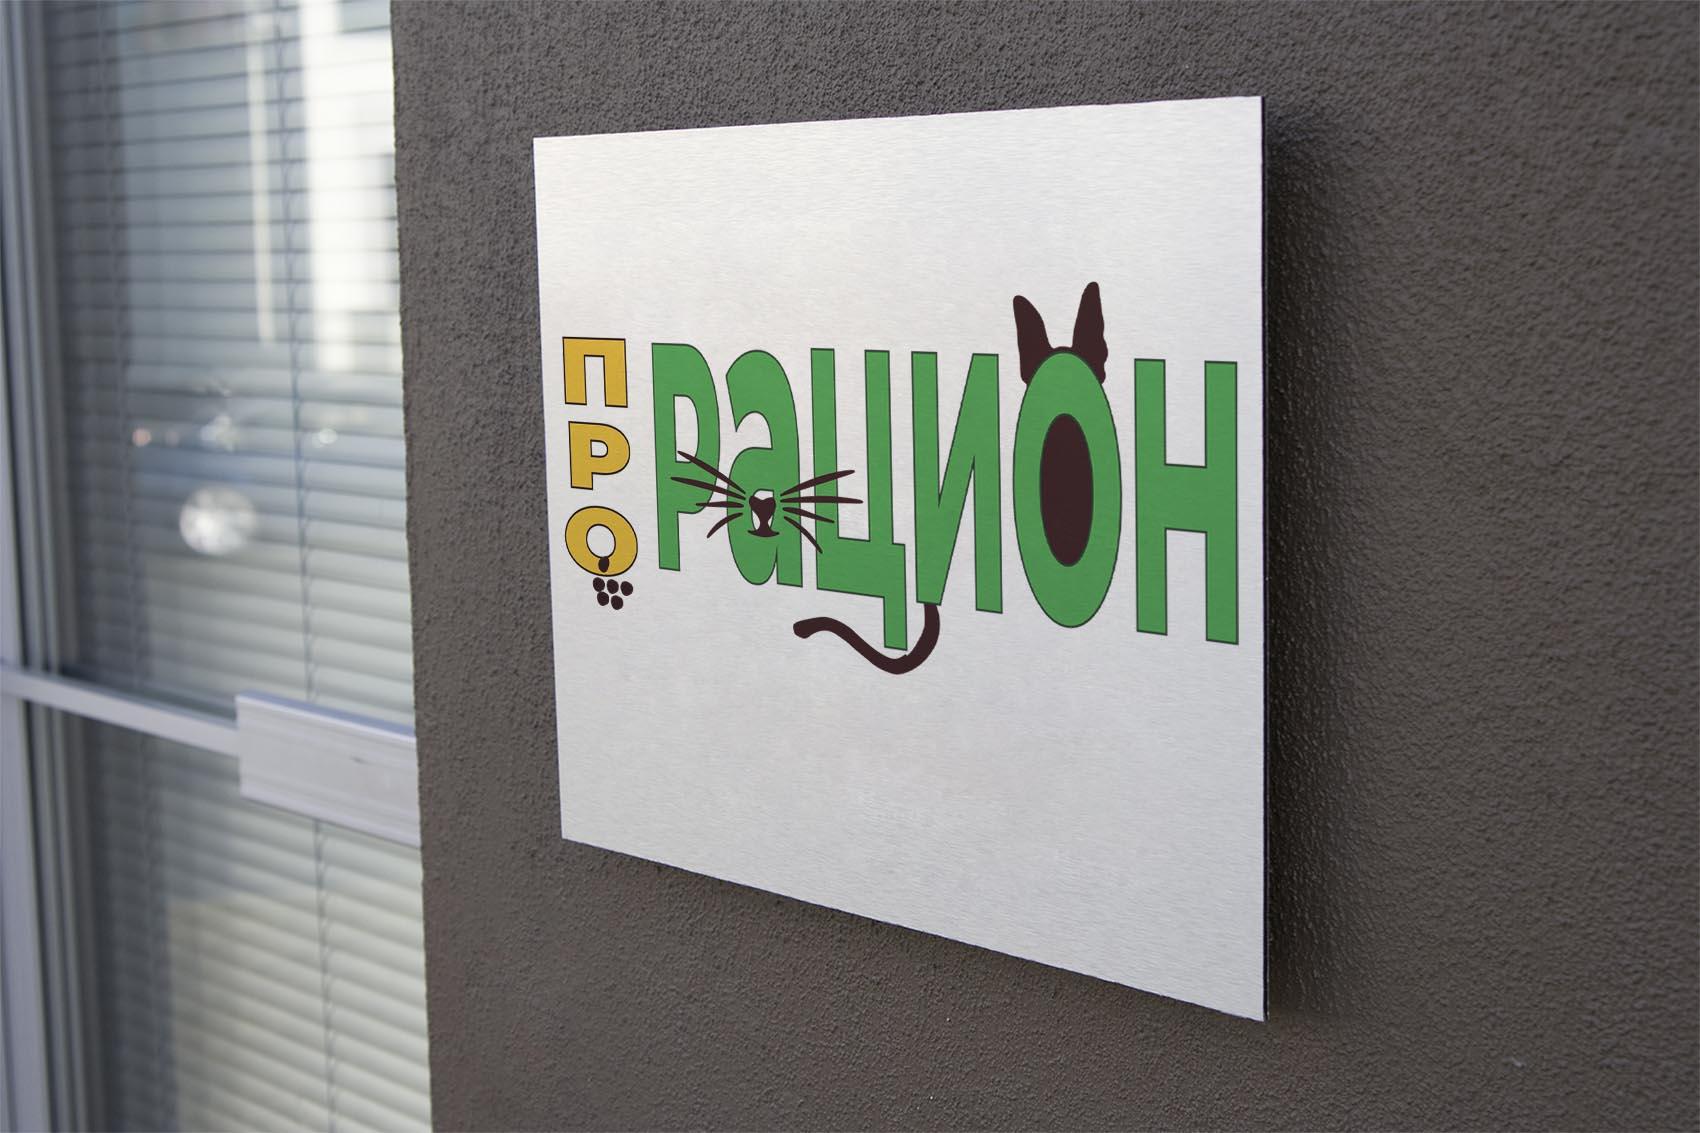 Создать логотип для производственной компании фото f_7175d9f3526ddcd9.jpg